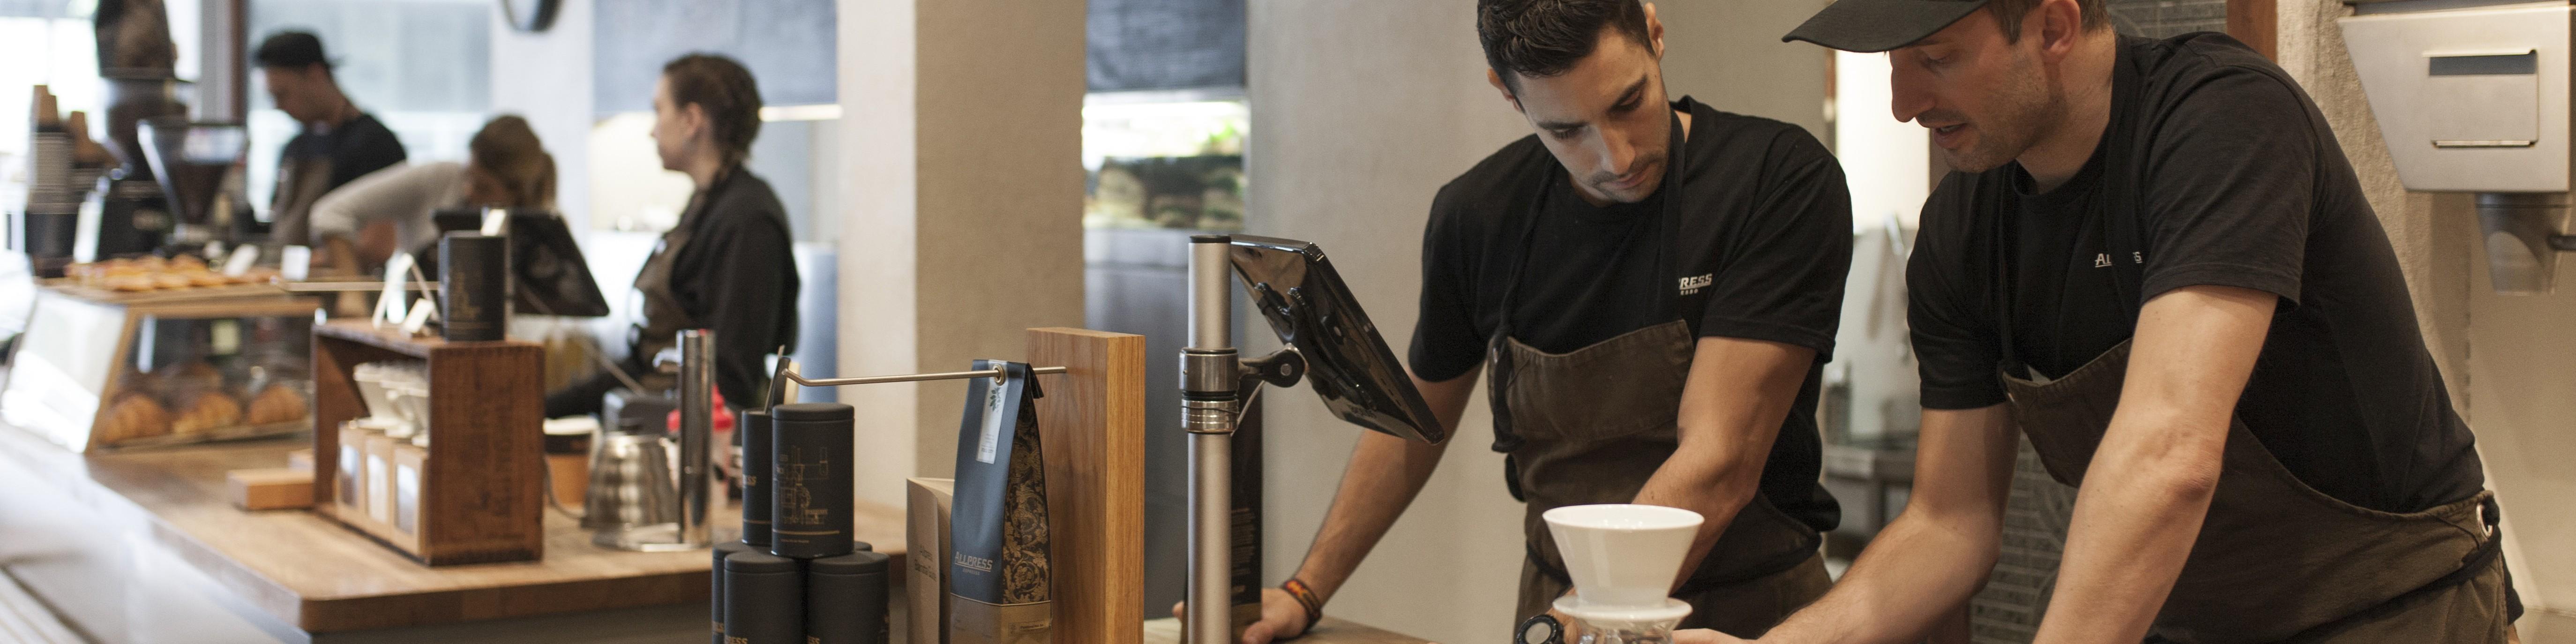 Allpress Espresso | LinkedIn